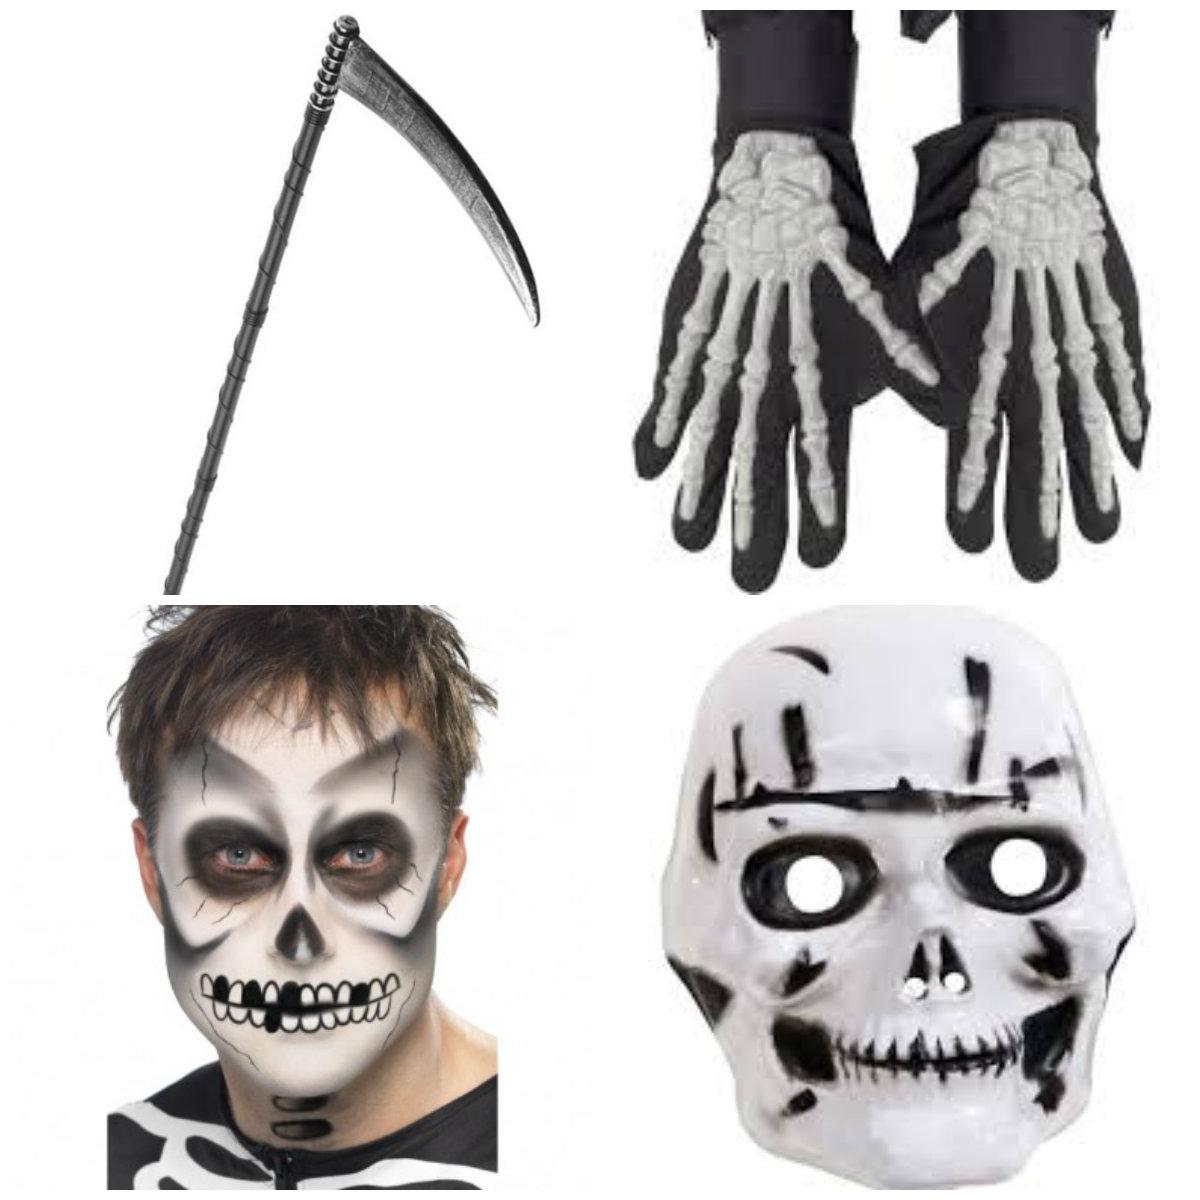 døden kostume til børn tilbehør døden børnekostume